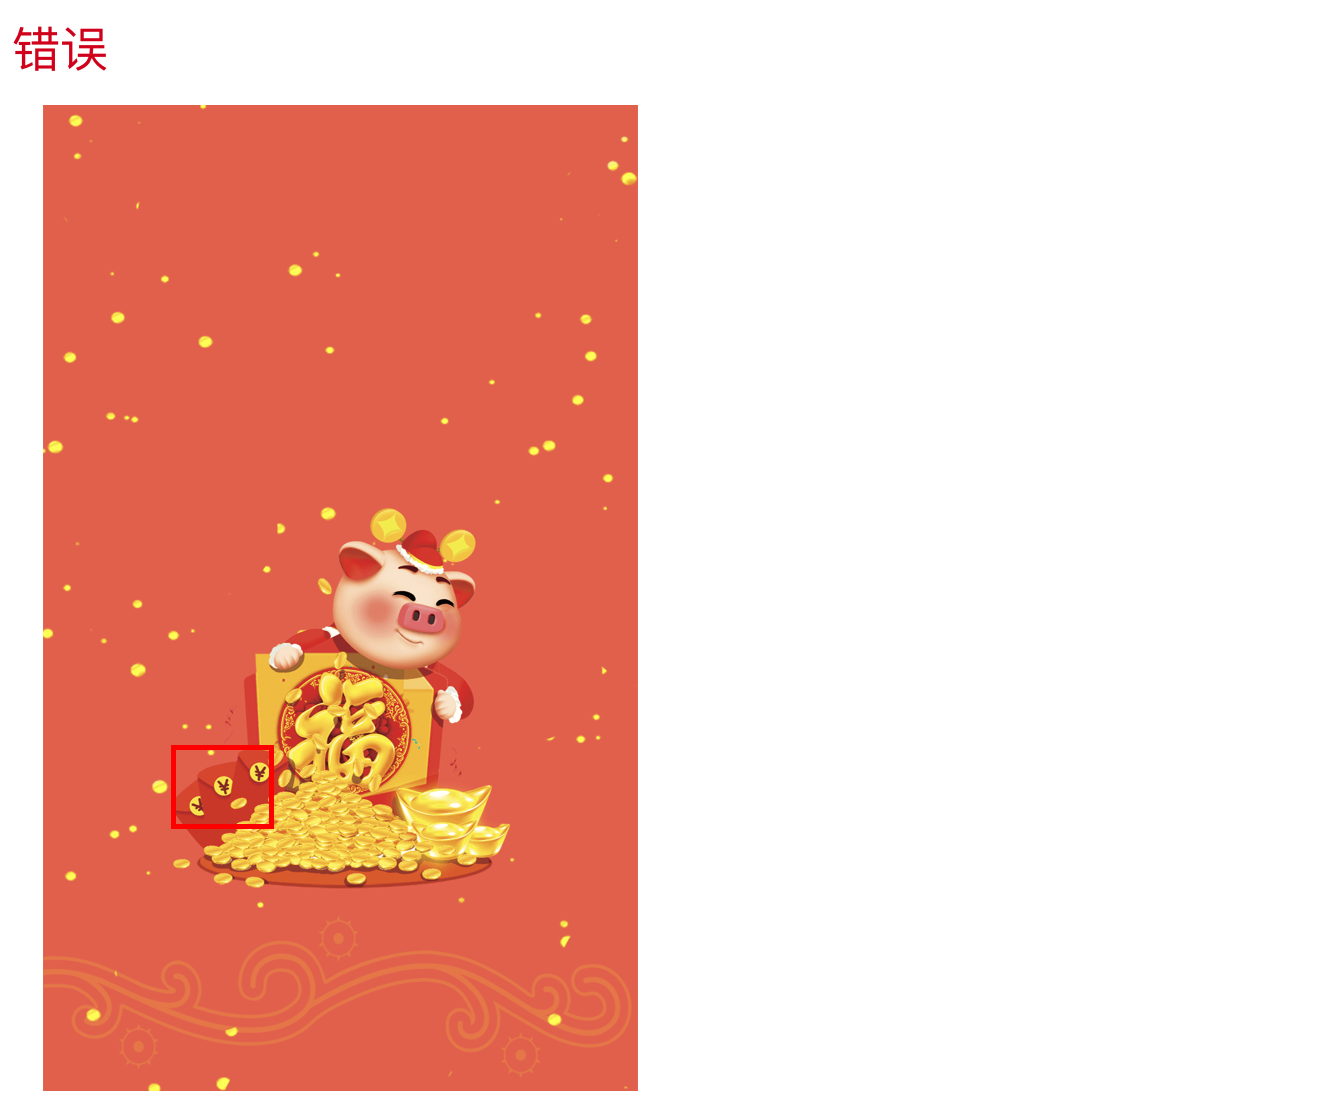 企业微信红包封面支持人民币的图样或者符号嘛?